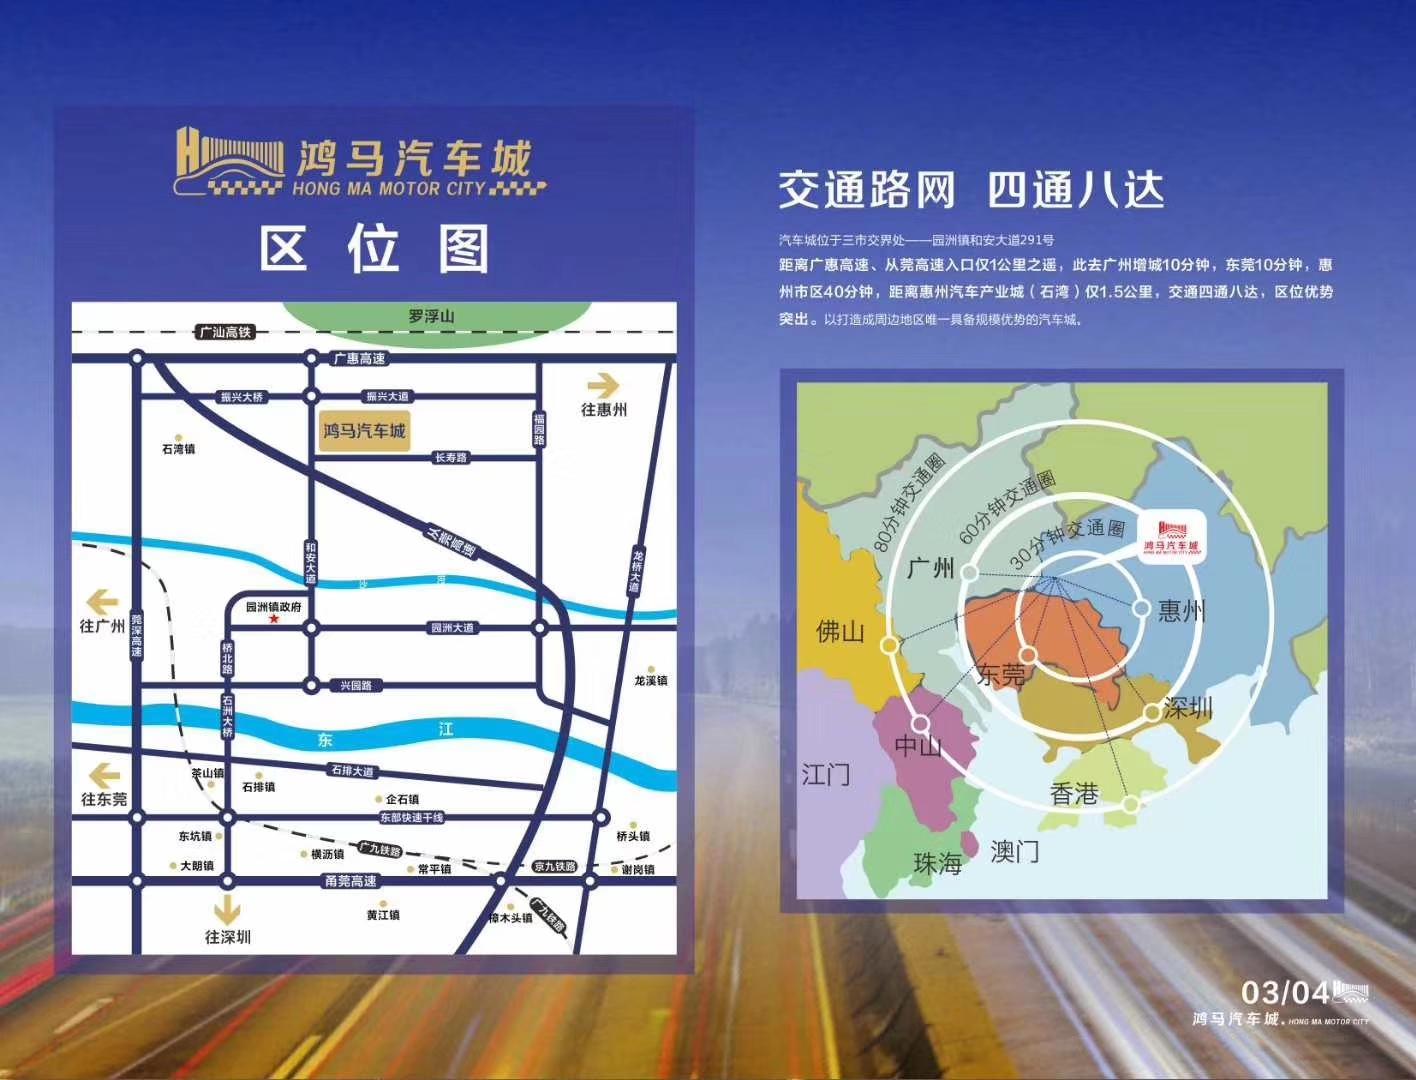 惠州鸿马汽车城